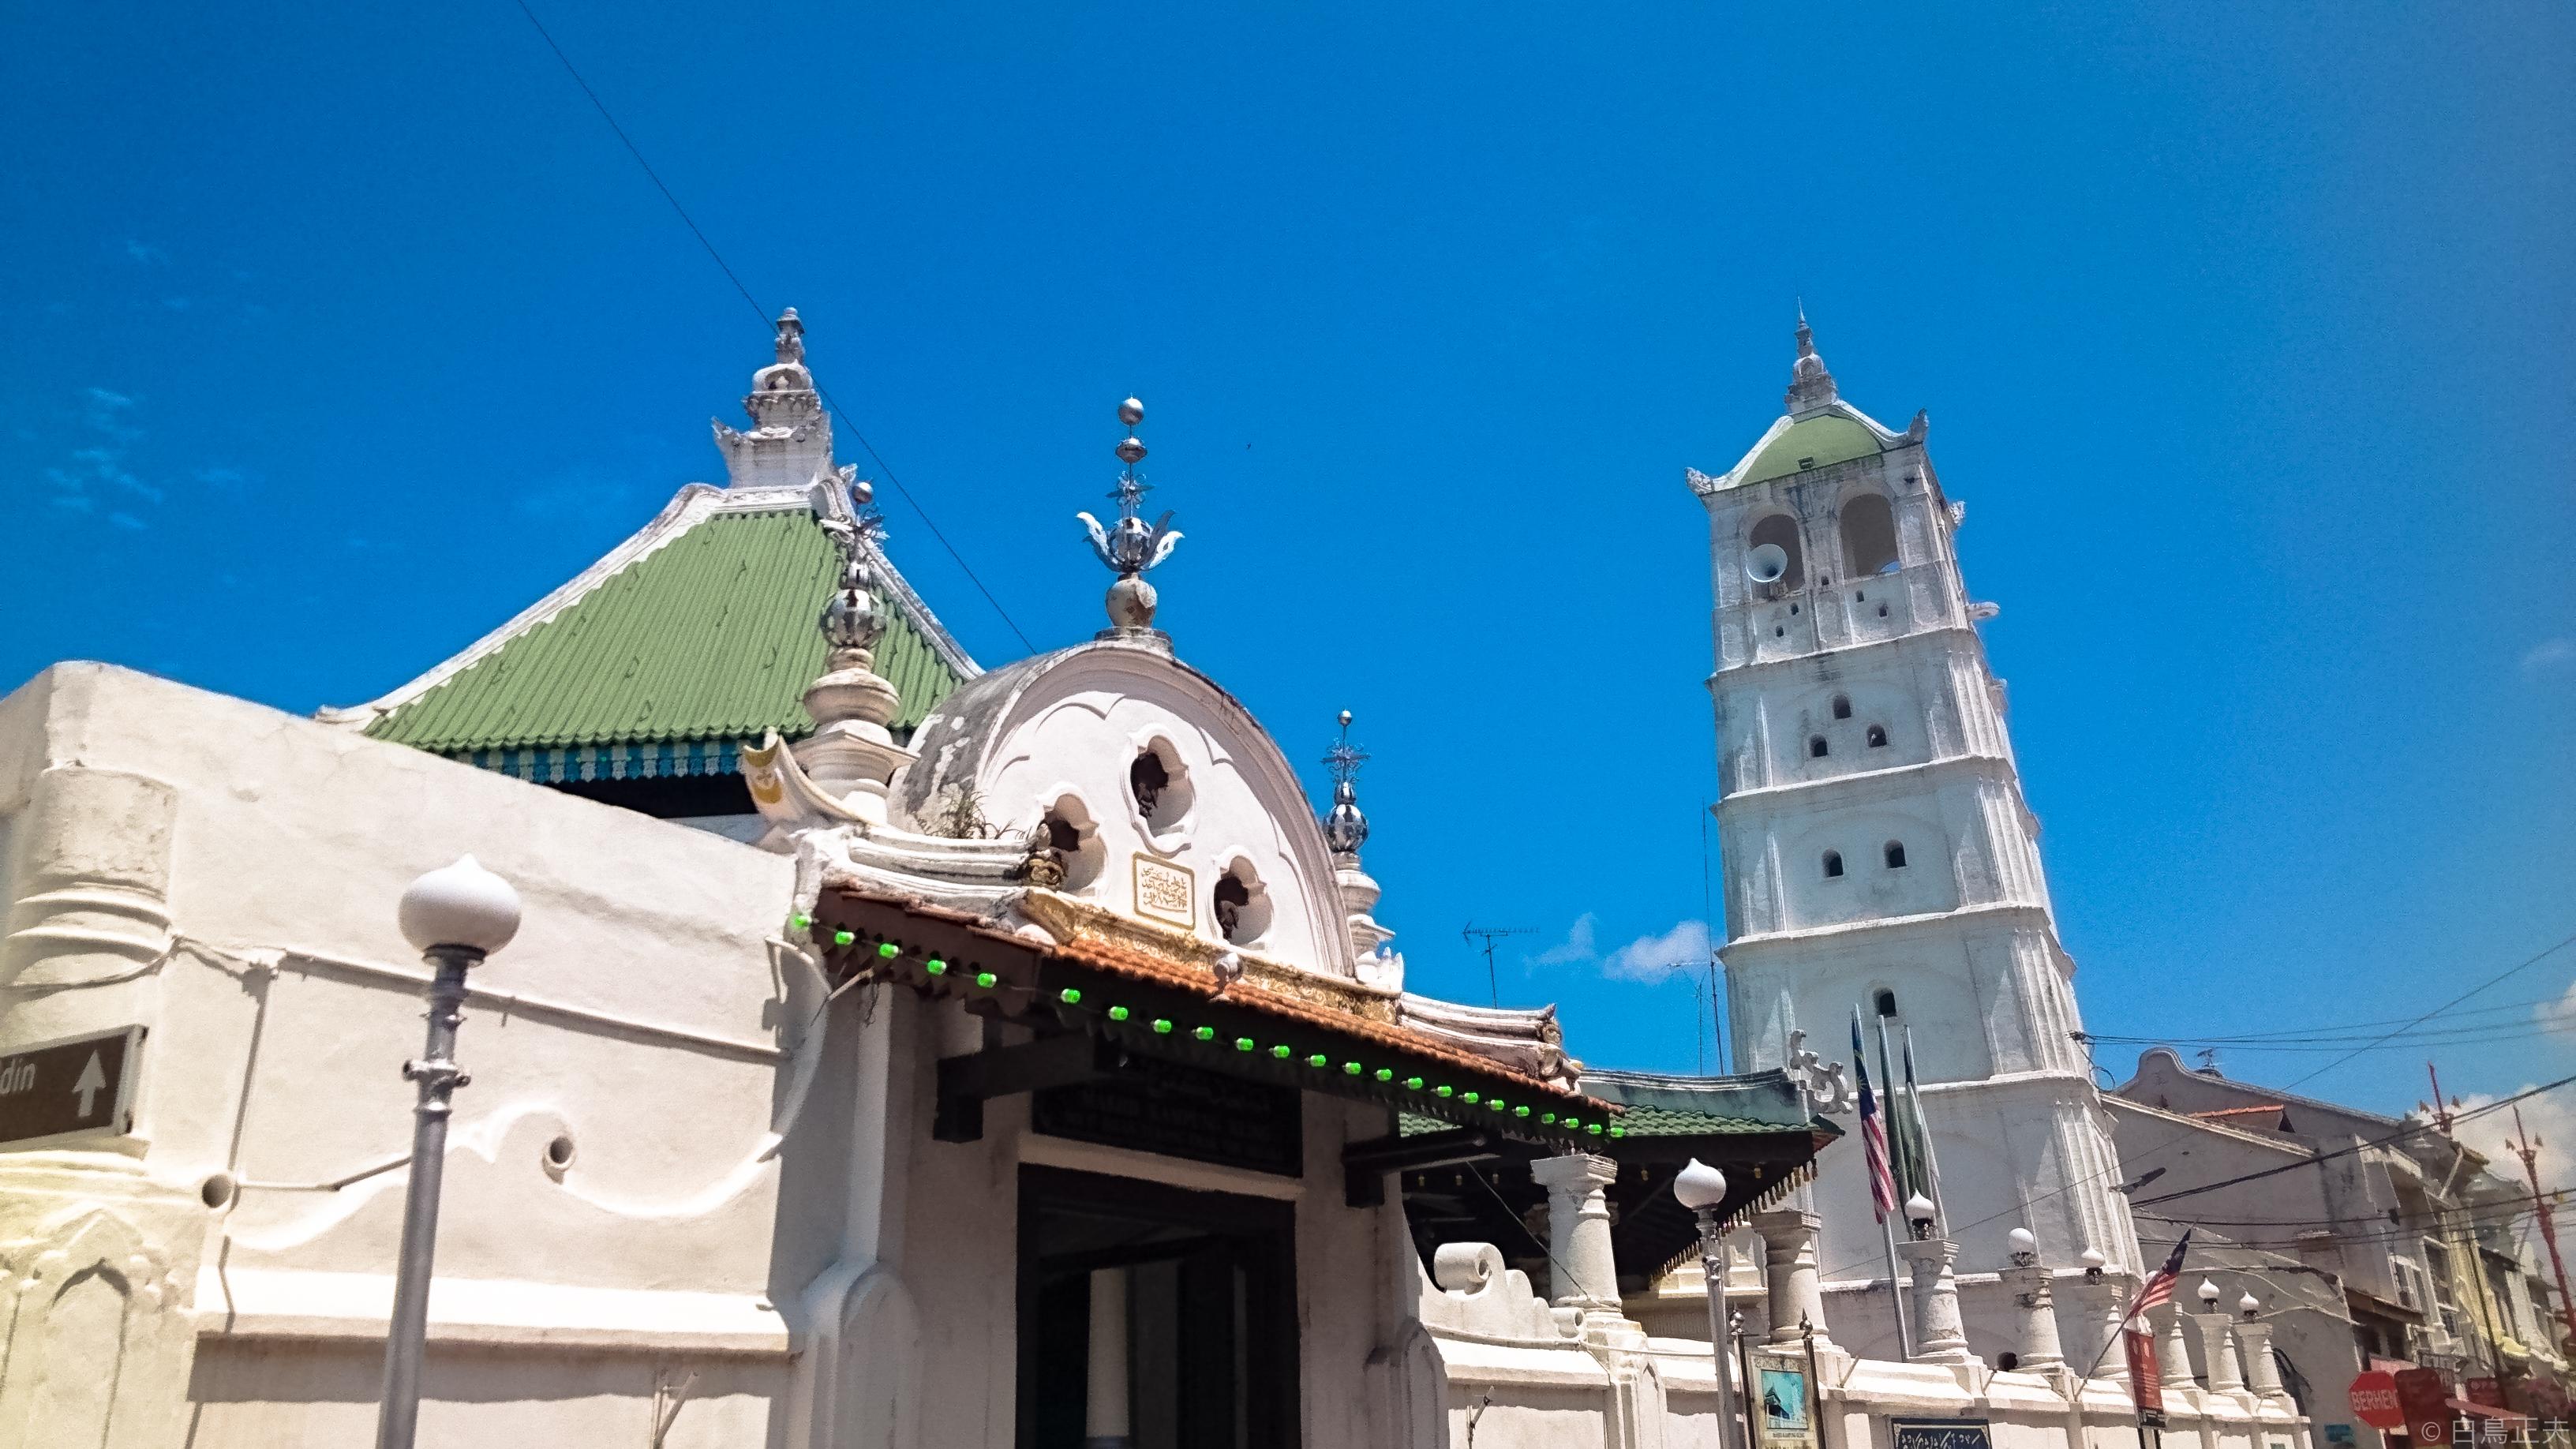 白いミナレットが聳えるカンポン・クリン・モスク